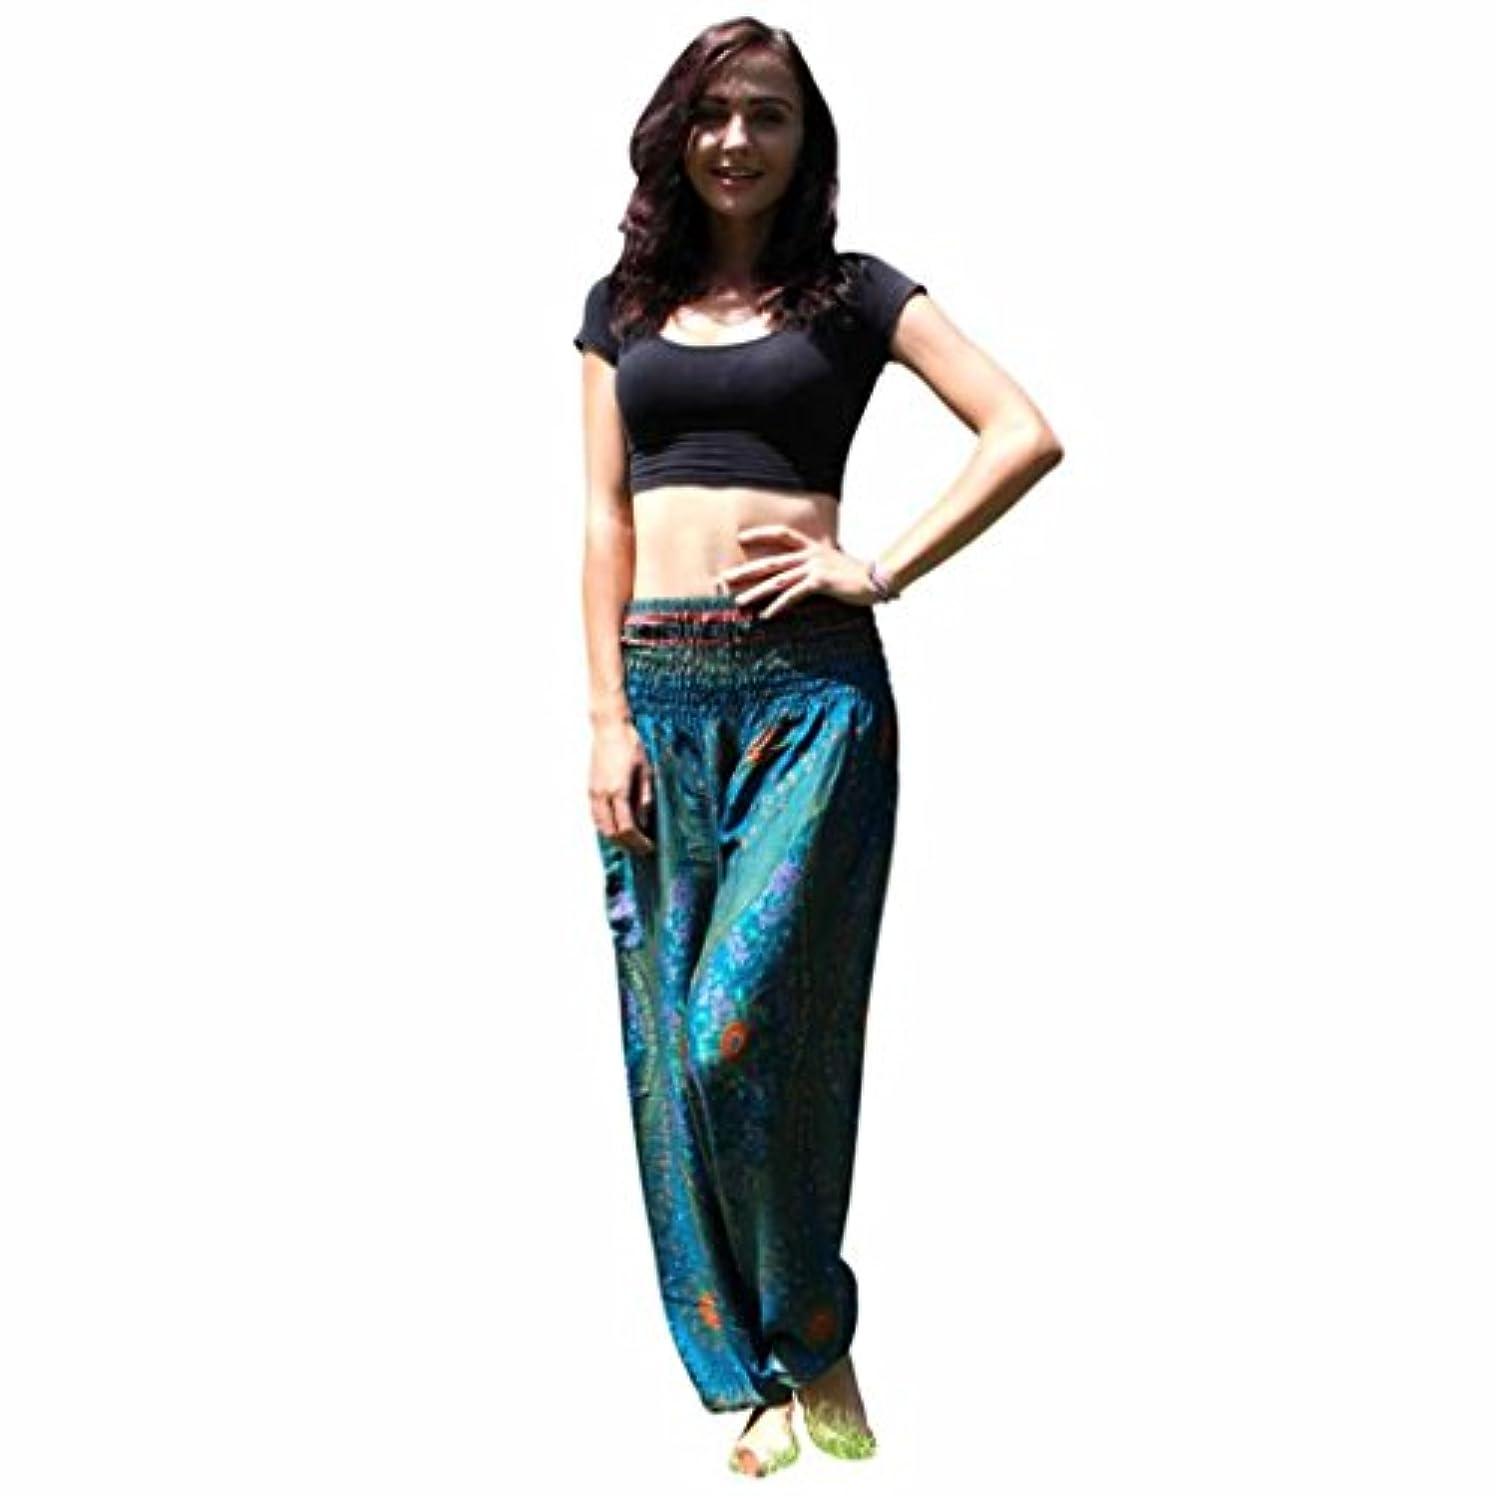 縁石二層進化するMhomzawa パンツ男性女性タイのハレムのズボンフェスティバルヒッピーのスモックハイウエストのパンツのタイハーレムヨガ・パンツ